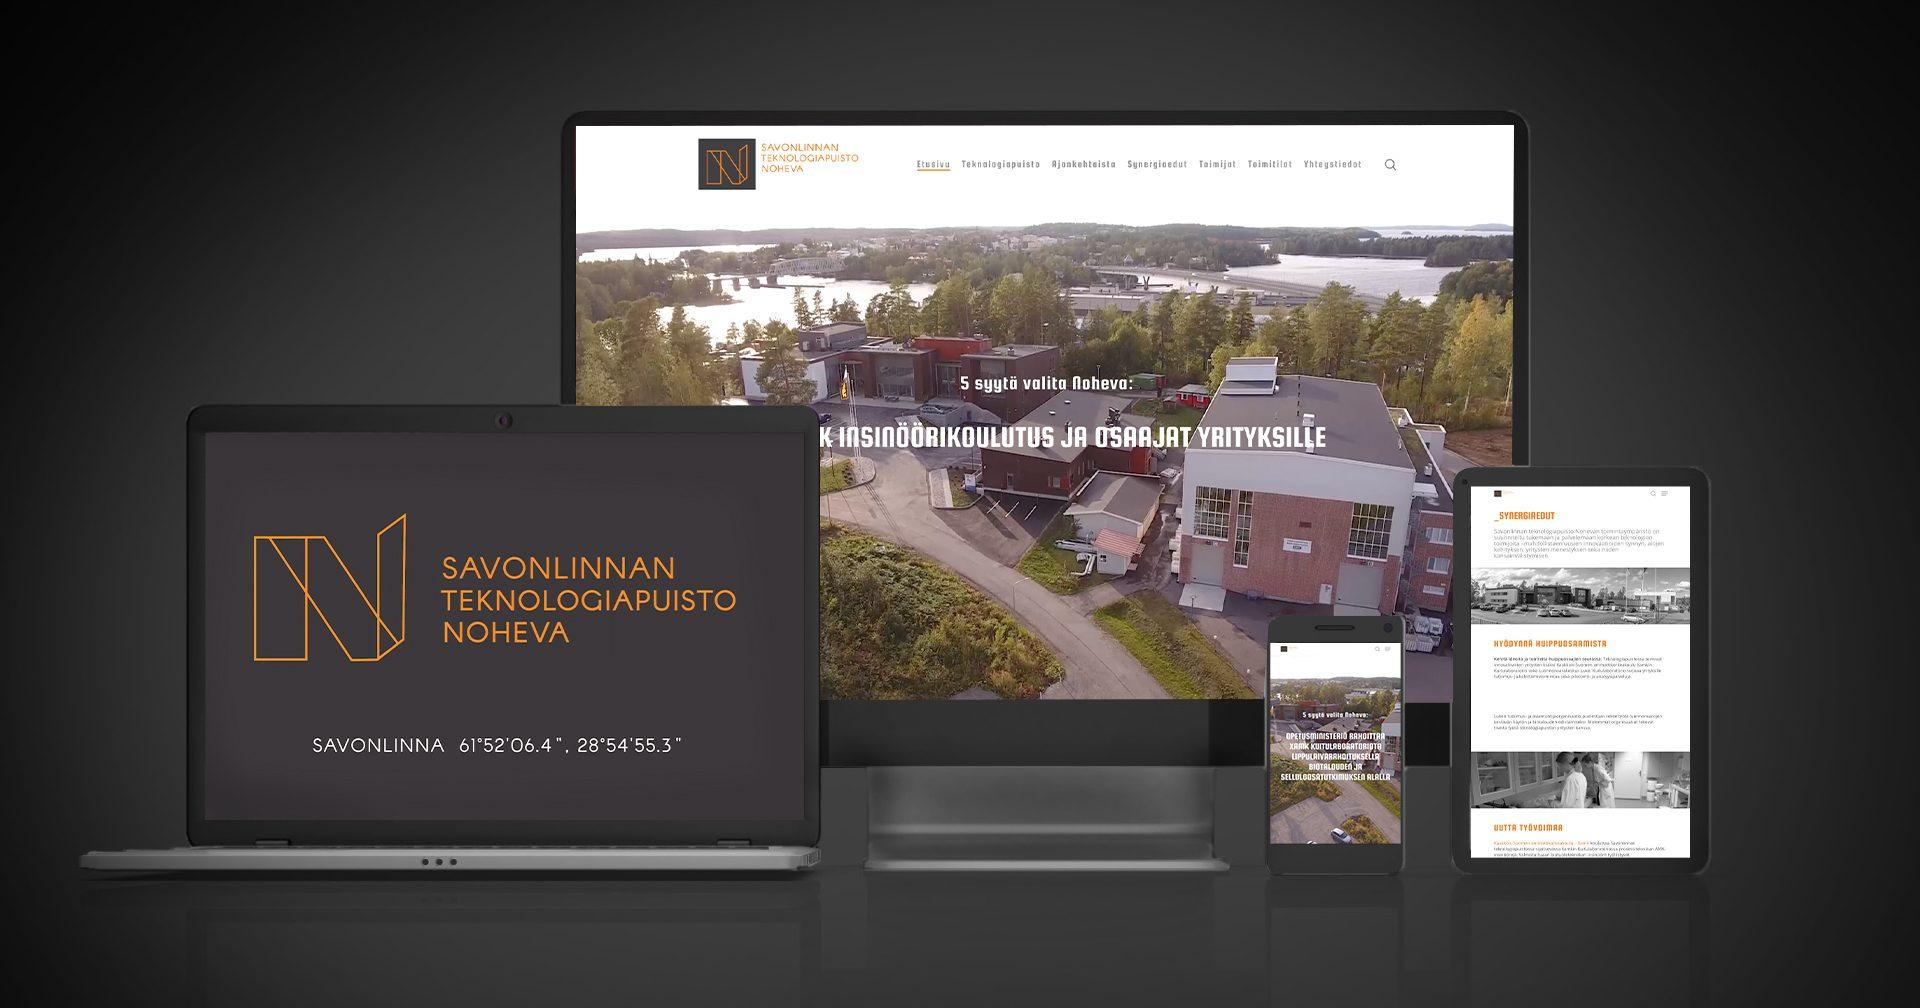 Työnäyte: Savonlinnan teknologiapuisto Noheva - Responsiivisen verkkosivuston suunnittelu ja kehittäminen